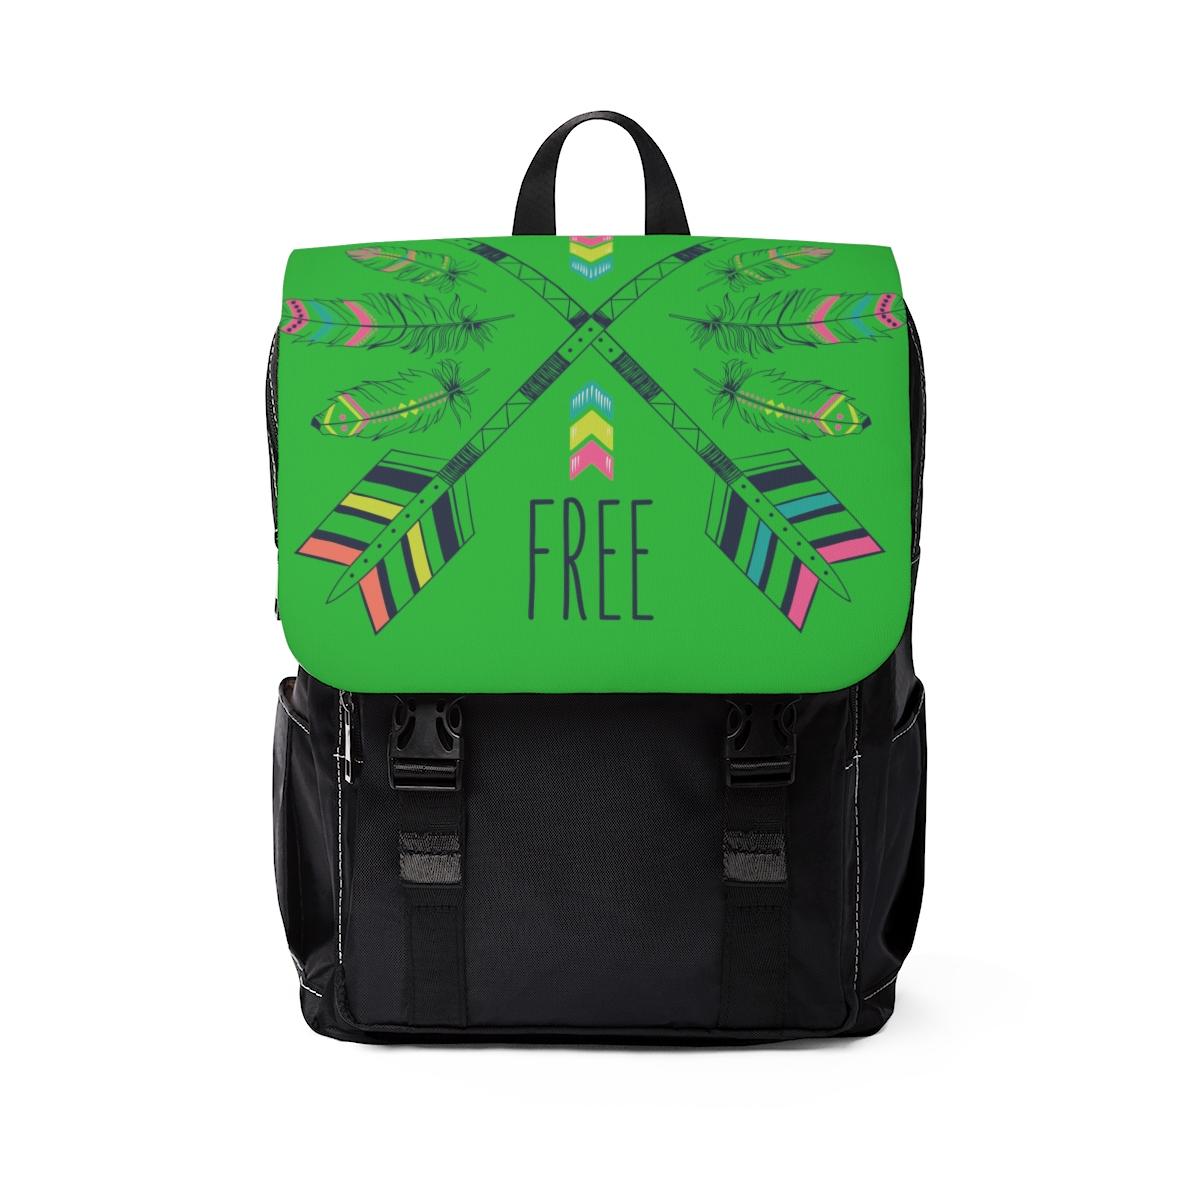 Pfeil und Feder Rucksack, Tasche, Laptoptasche